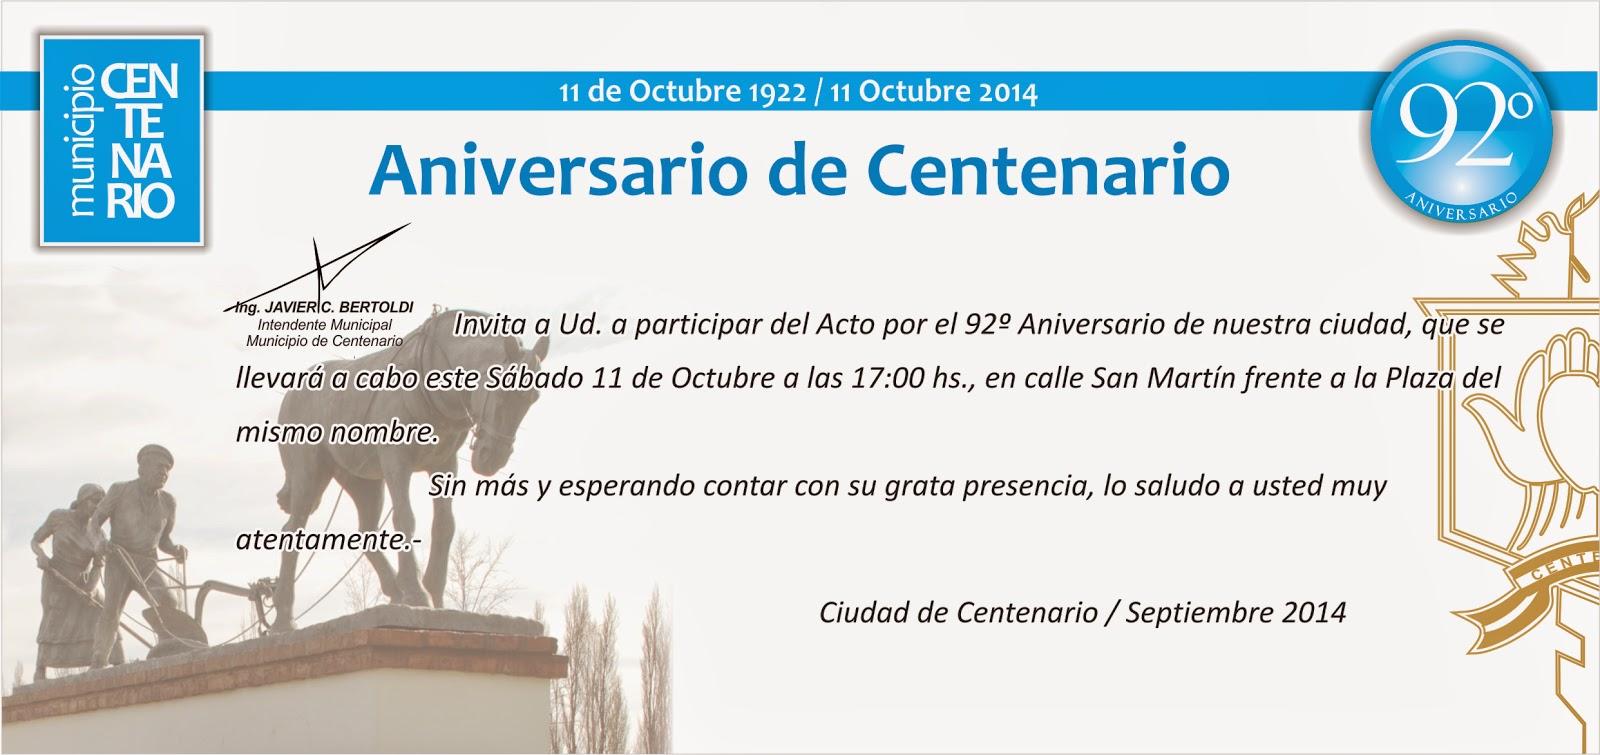 Aniversario de Centenario el próximo sábado 11 de Octubre a partir de las 17 hs. en la plaza San Martín